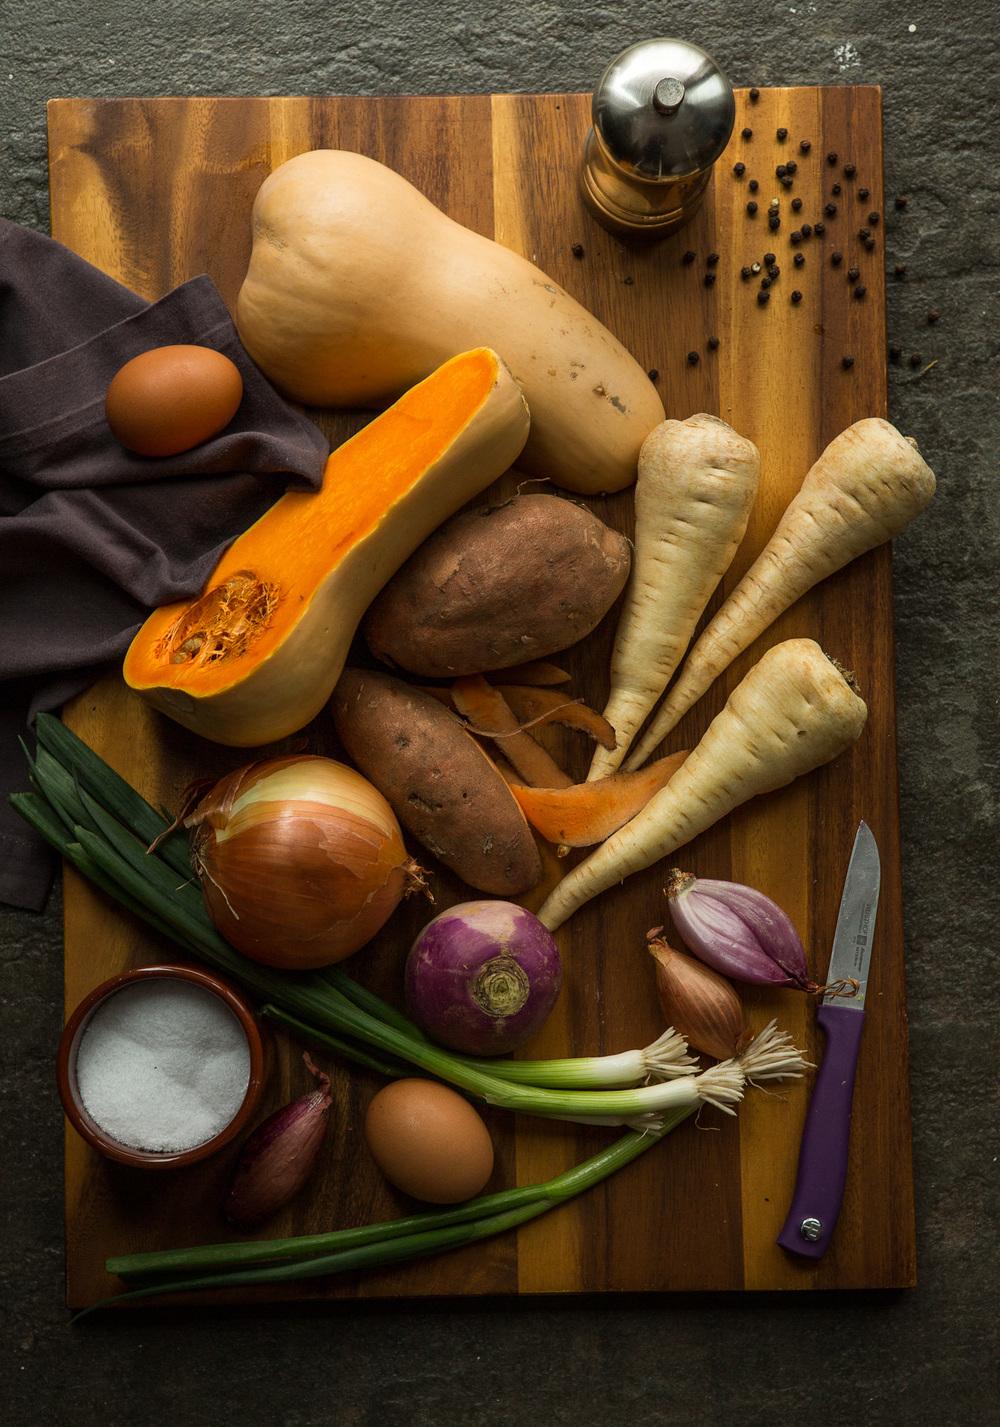 Food styling: Leslie Orlandini